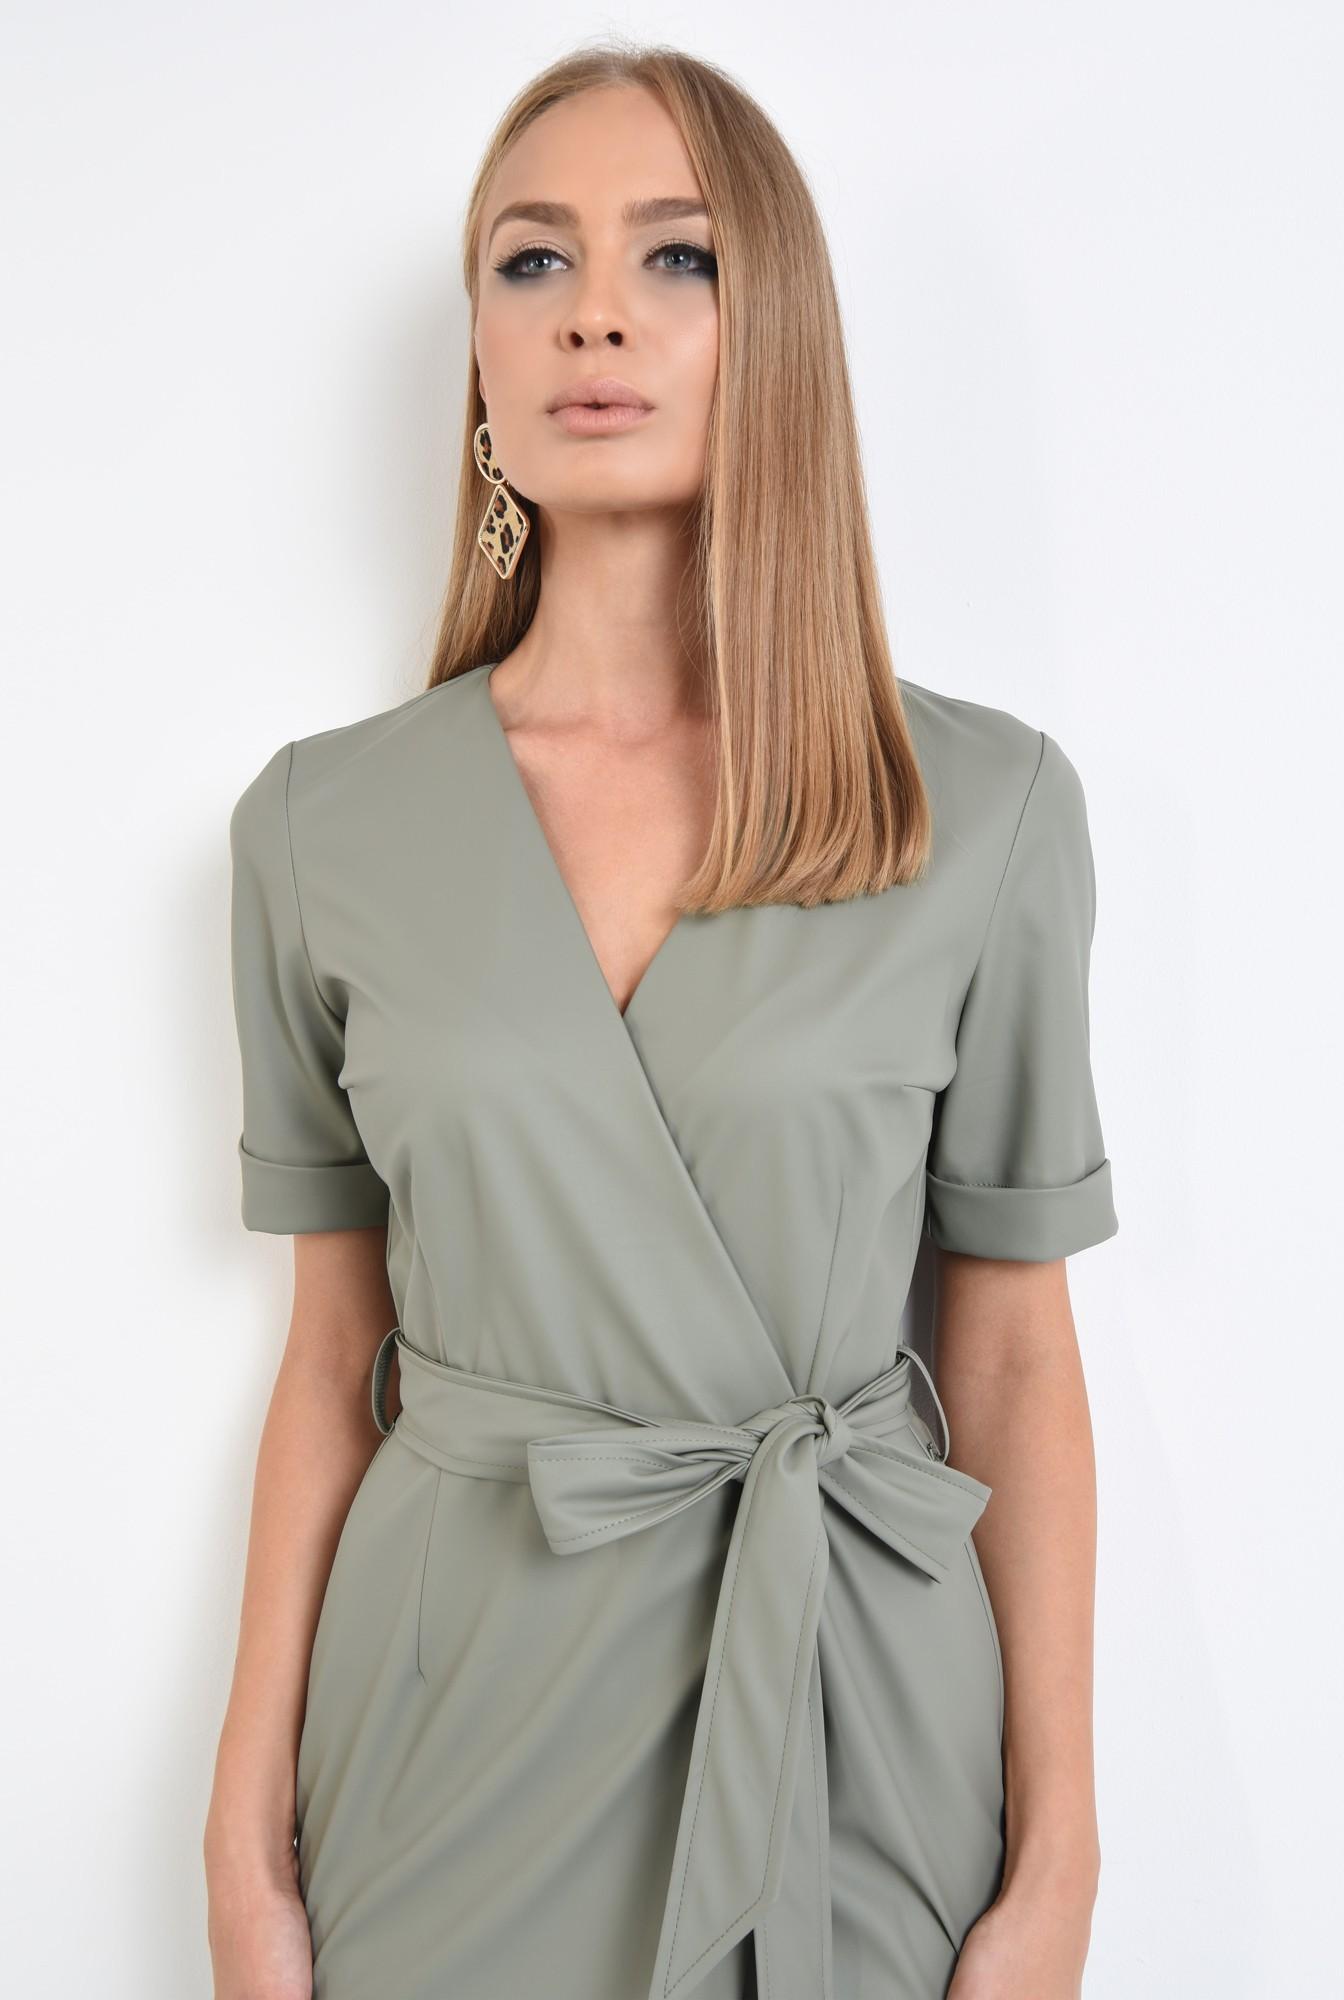 2 - 360 - rochie din piele eco, petrecuta, cordon, maneci scurte